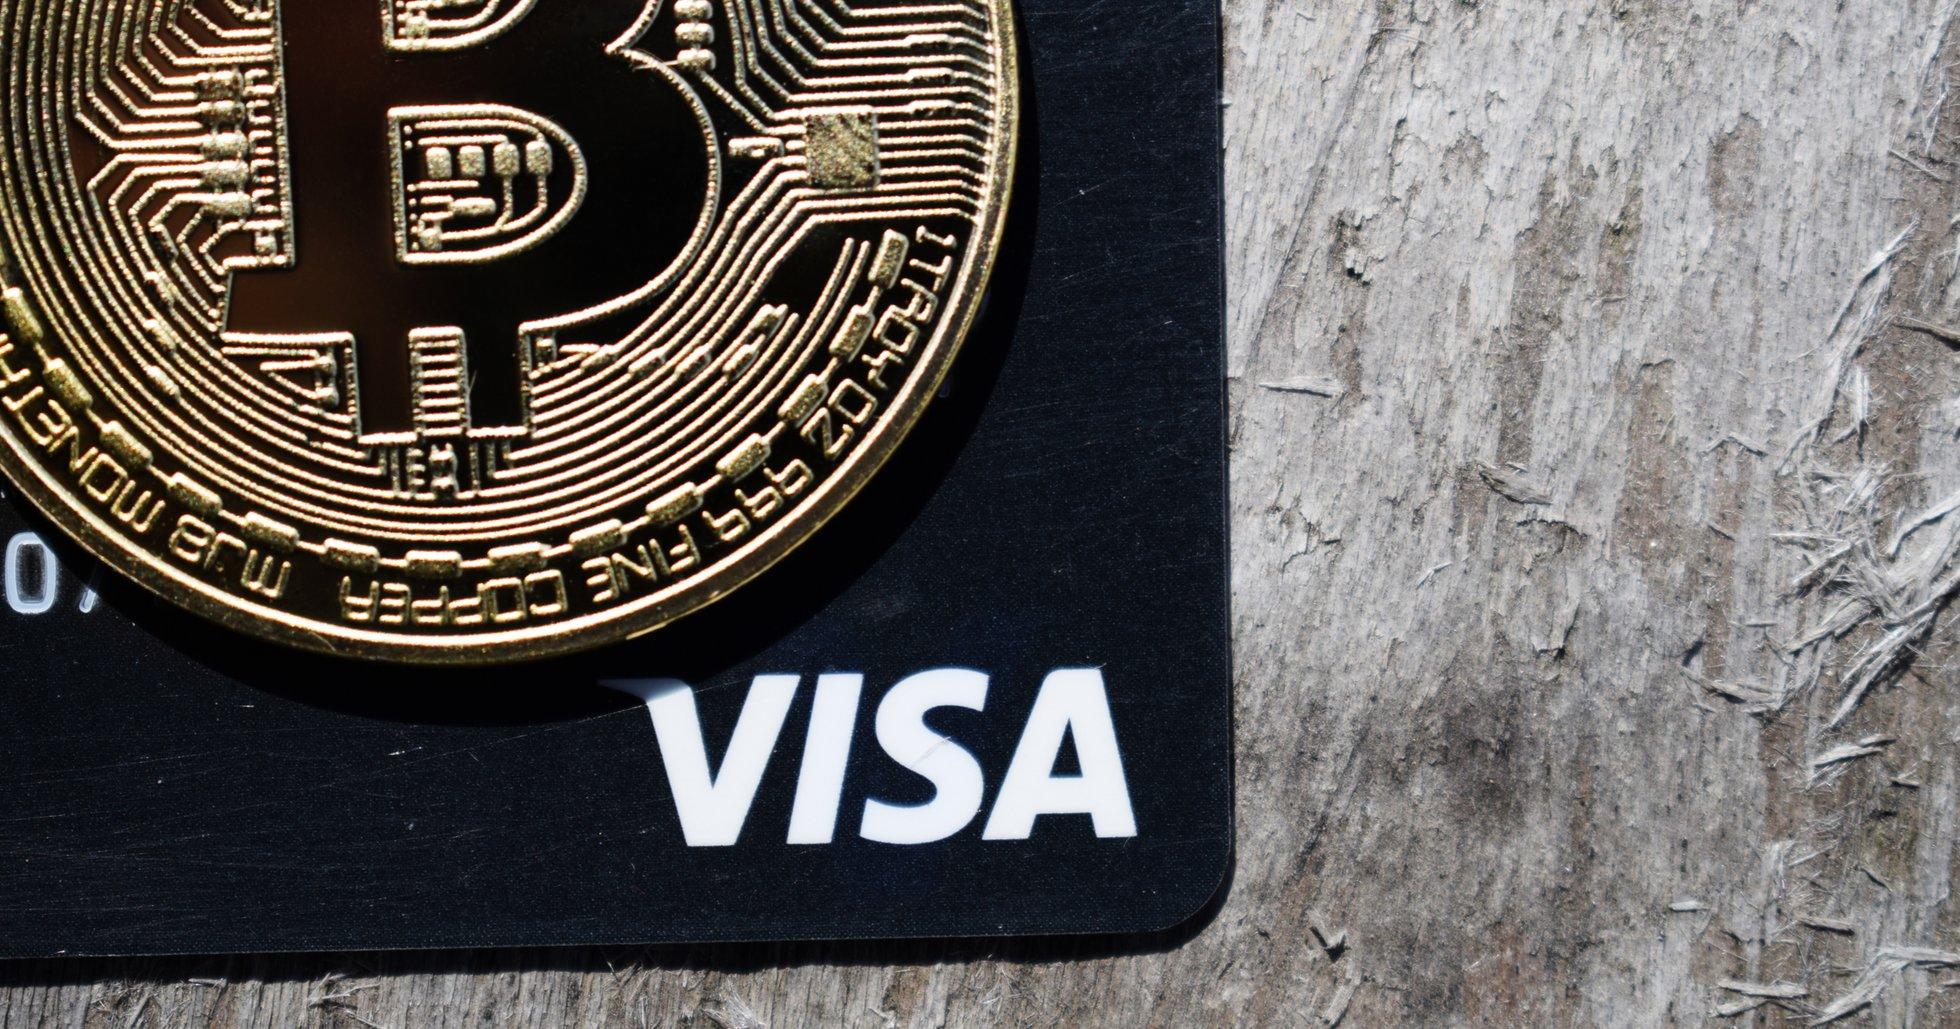 Visa öppnar för att tillåta betalningar i kryptovaluta.